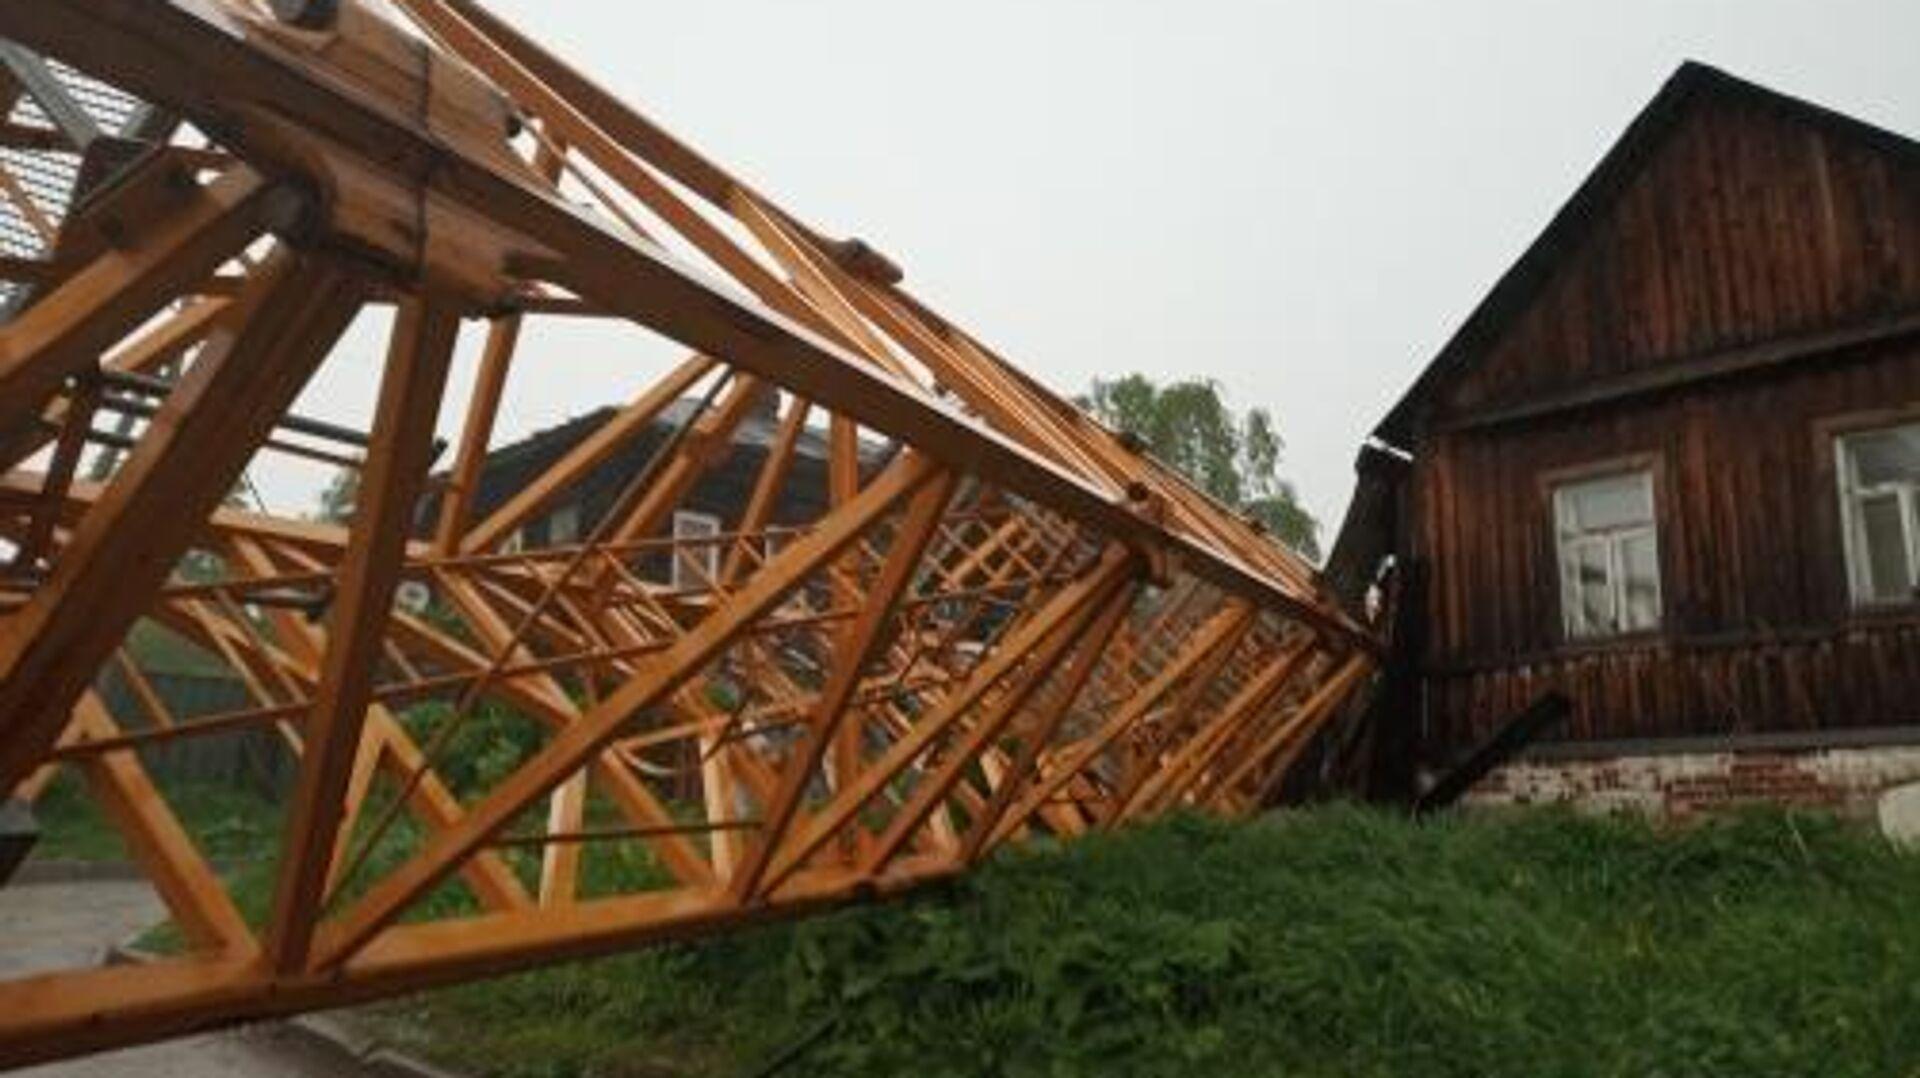 Падение строительного крана в Дзержинском районе Перми. 27 мая 2019 - РИА Новости, 1920, 22.10.2020